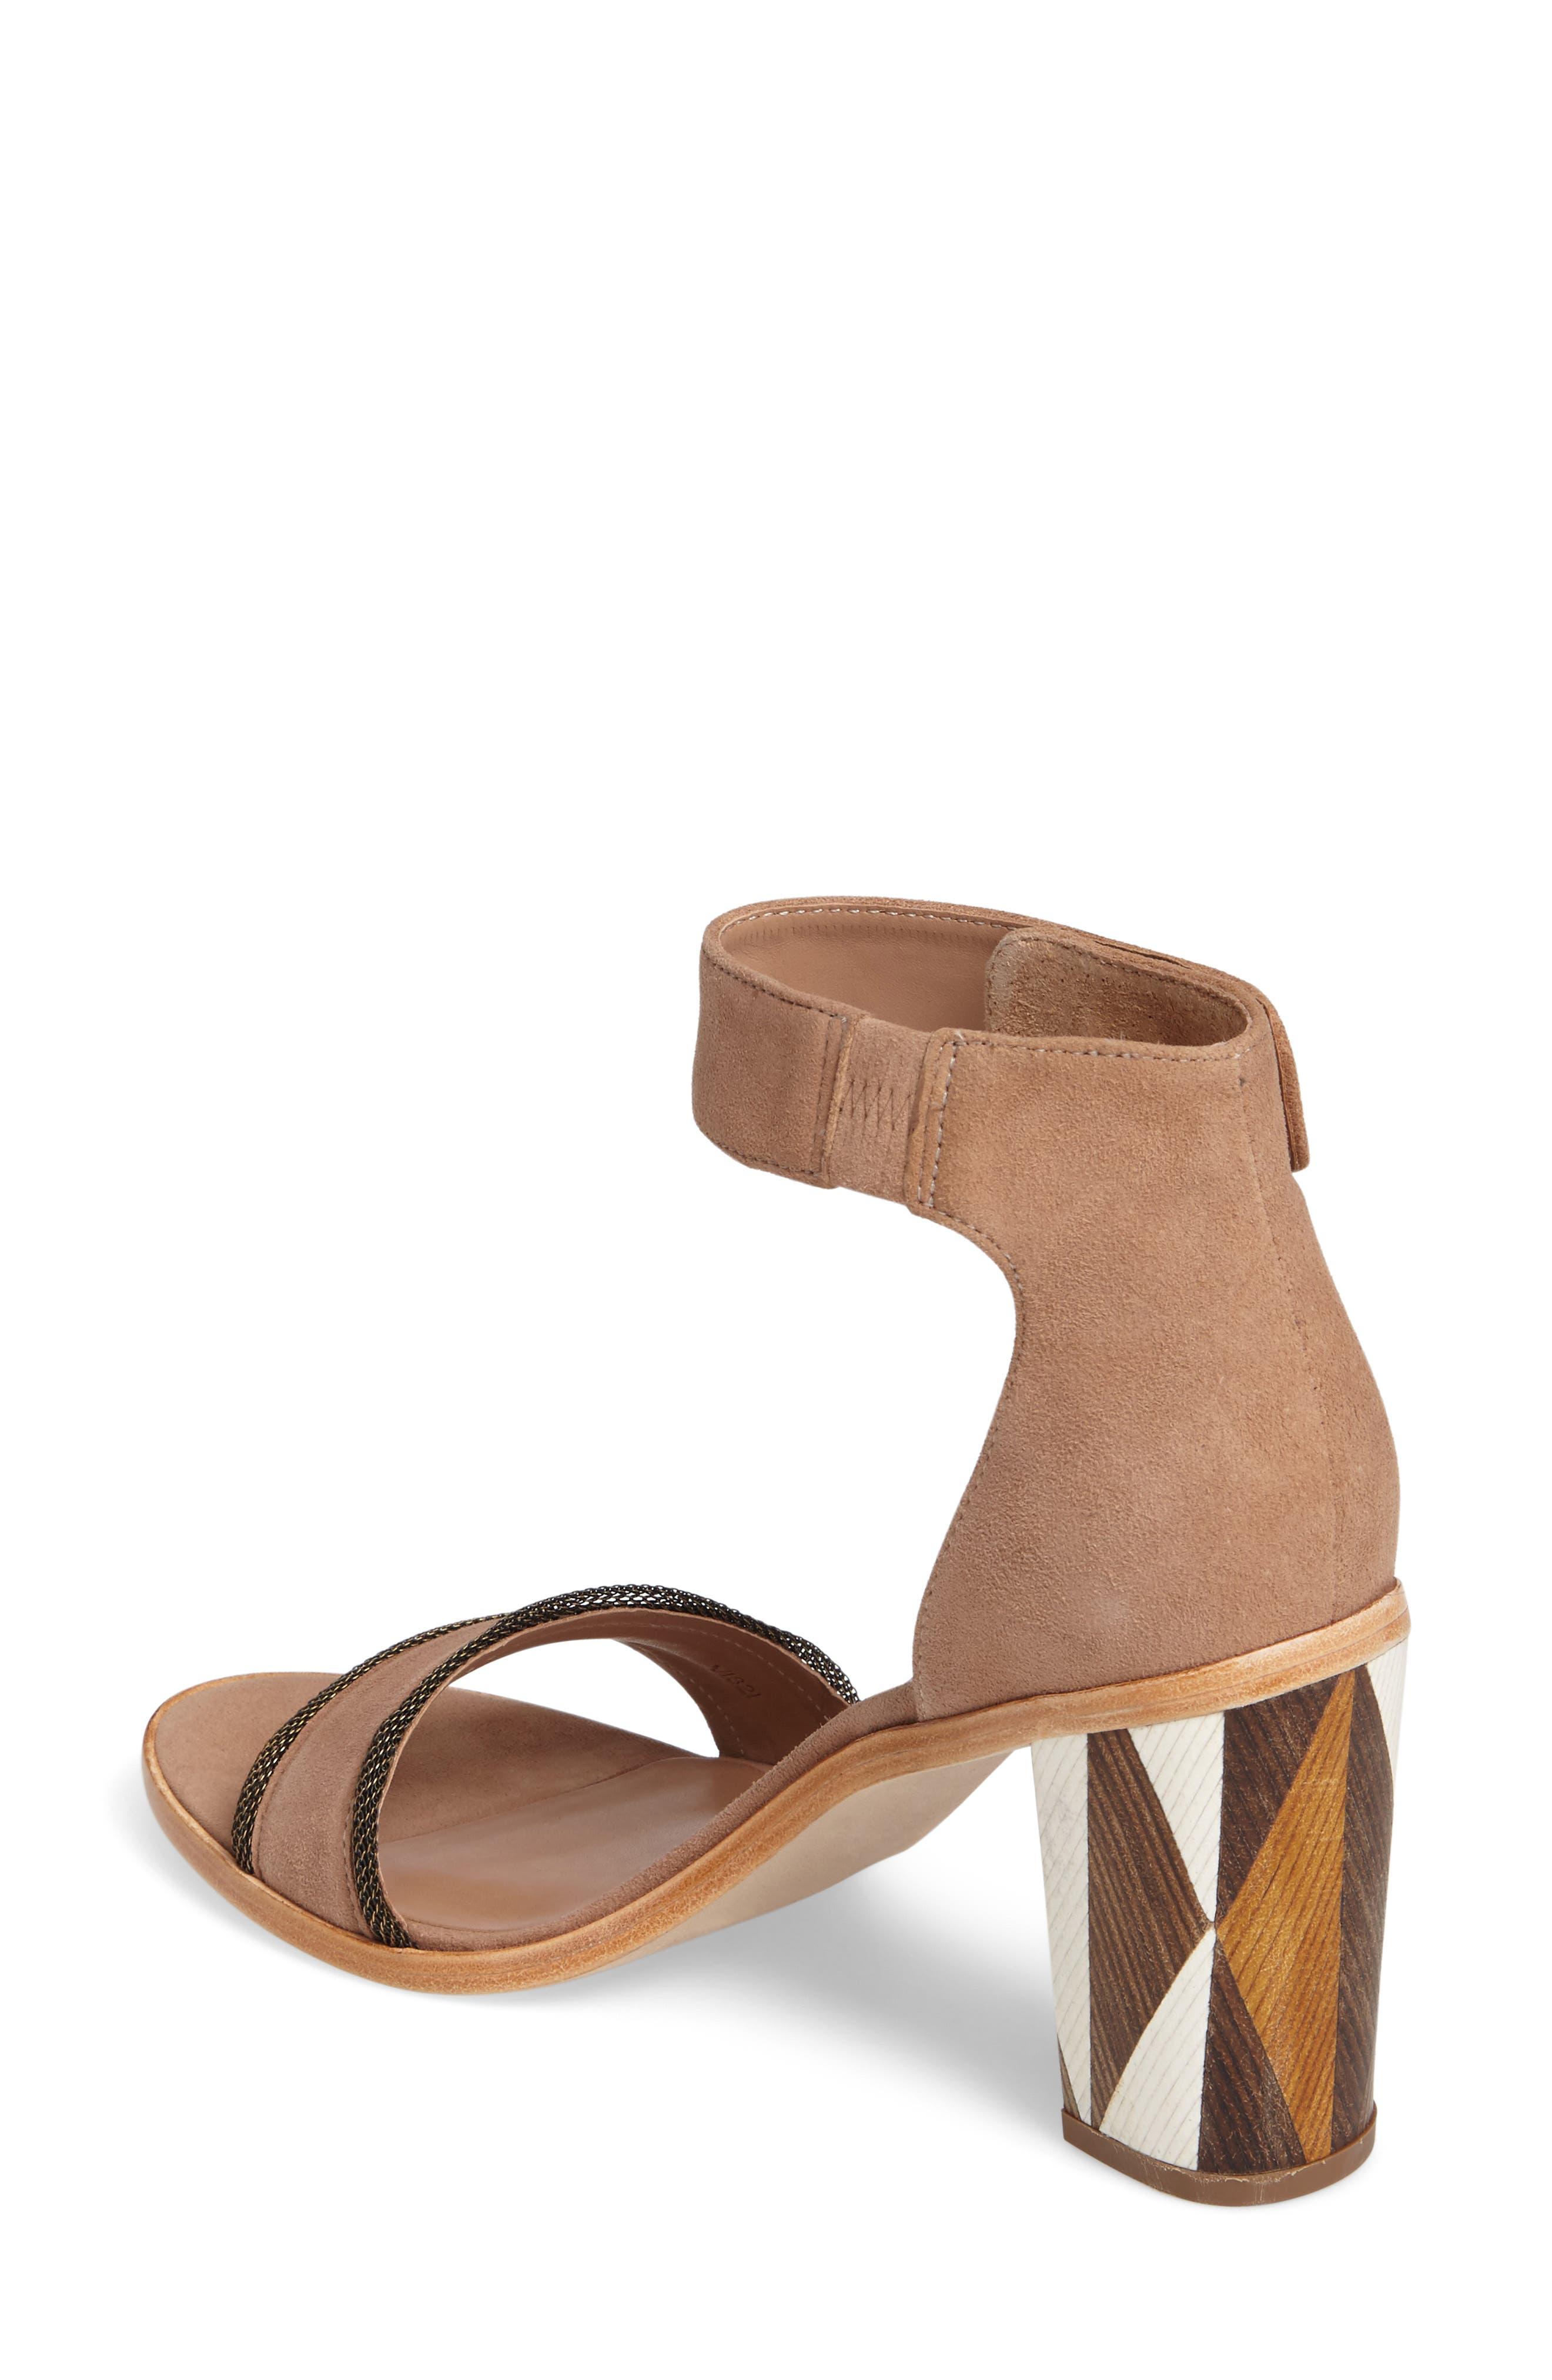 Bernardo Hayden Ankle Strap Sandal,                             Alternate thumbnail 2, color,                             Sand Suede